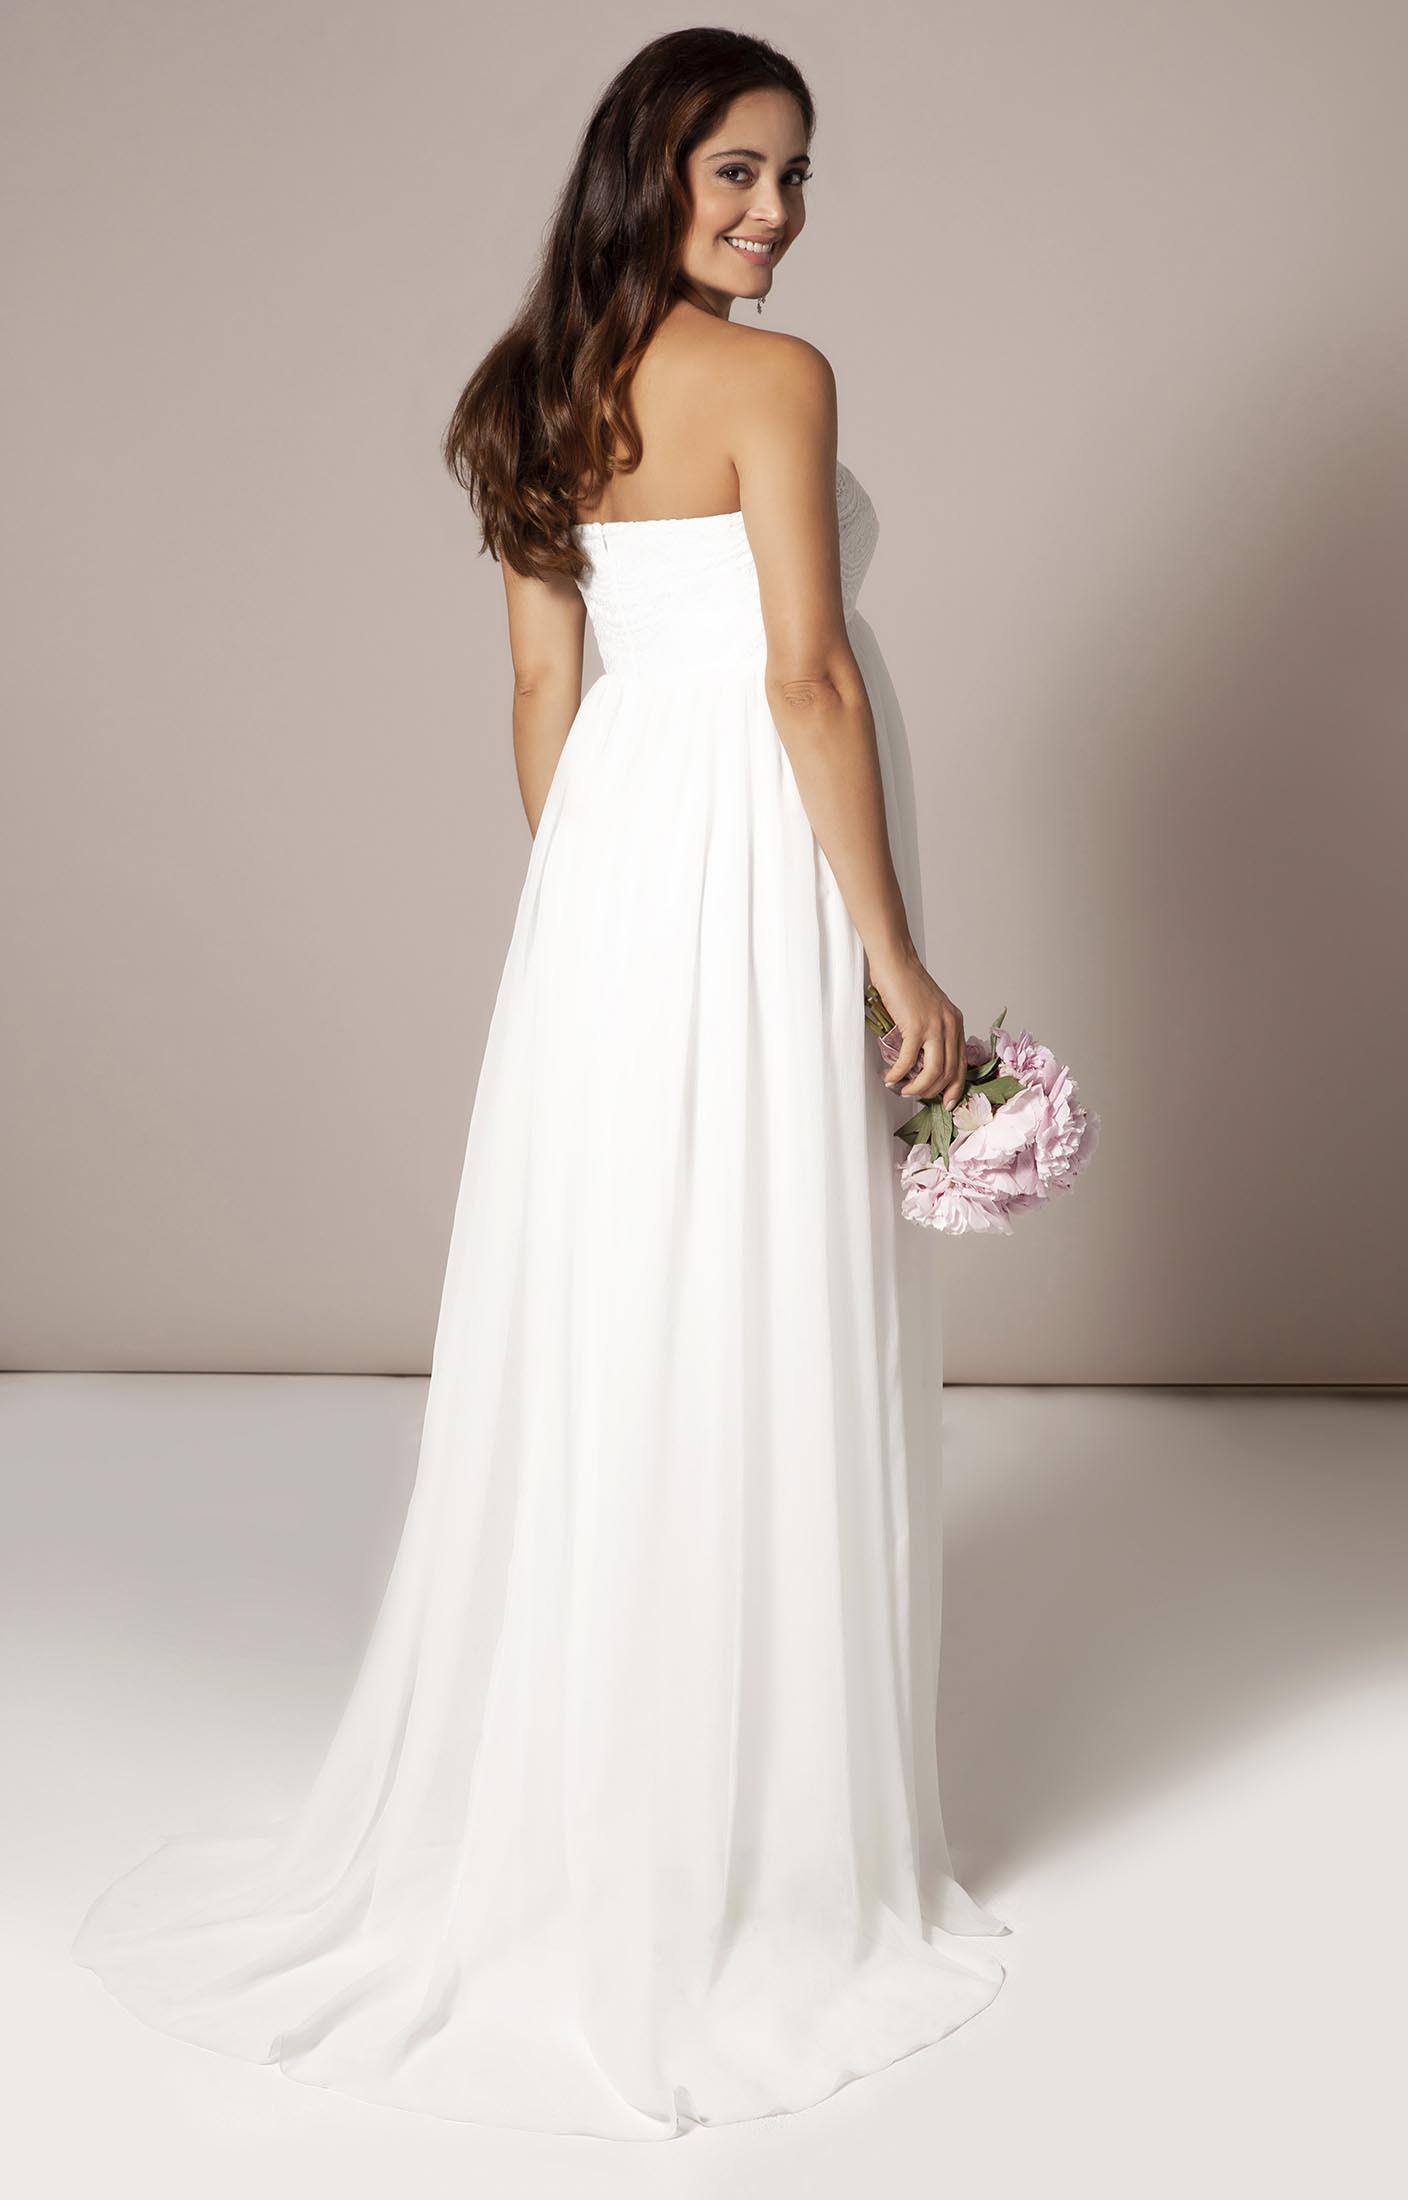 Formal Einzigartig Kleid Lang Weiß Spezialgebiet15 Spektakulär Kleid Lang Weiß Design